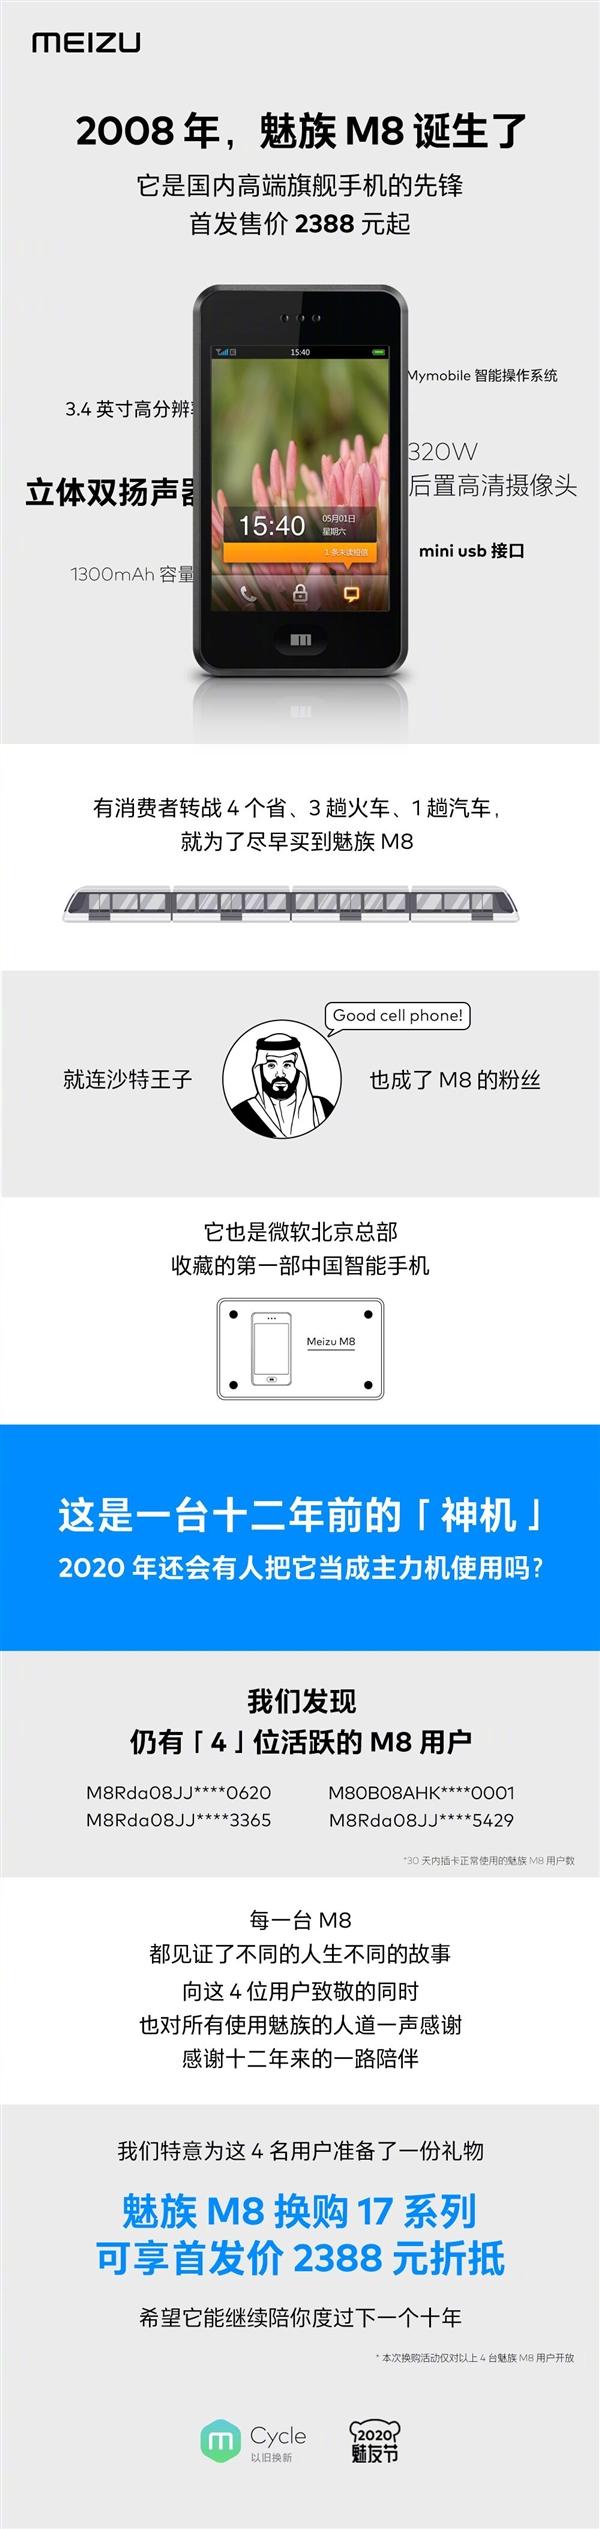 Meizu не очень щедра на благодарность фанатам за преданность – фото 3